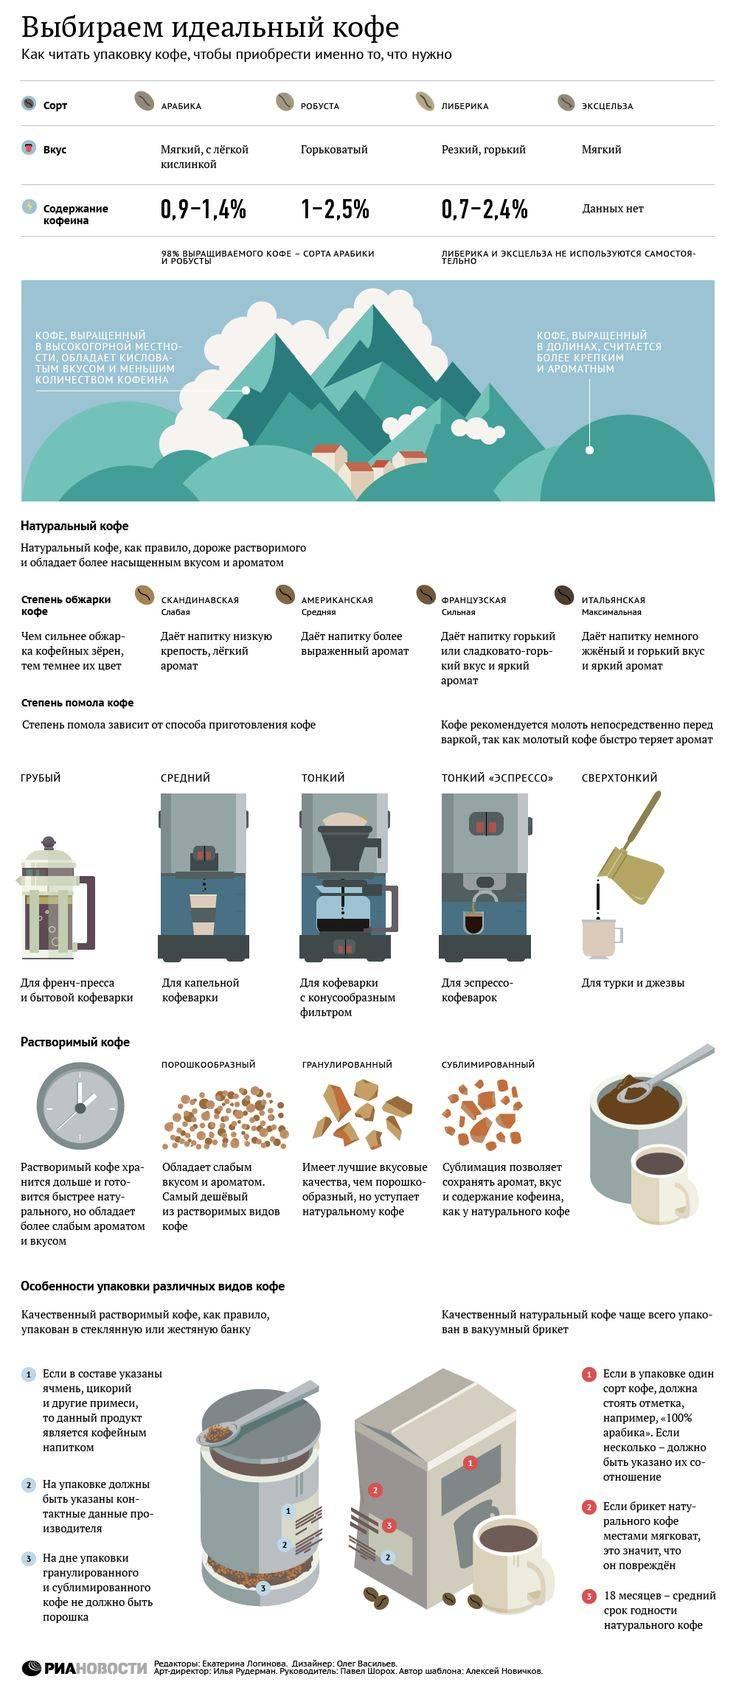 Самый крепкий кофе - кулинария для мужчин